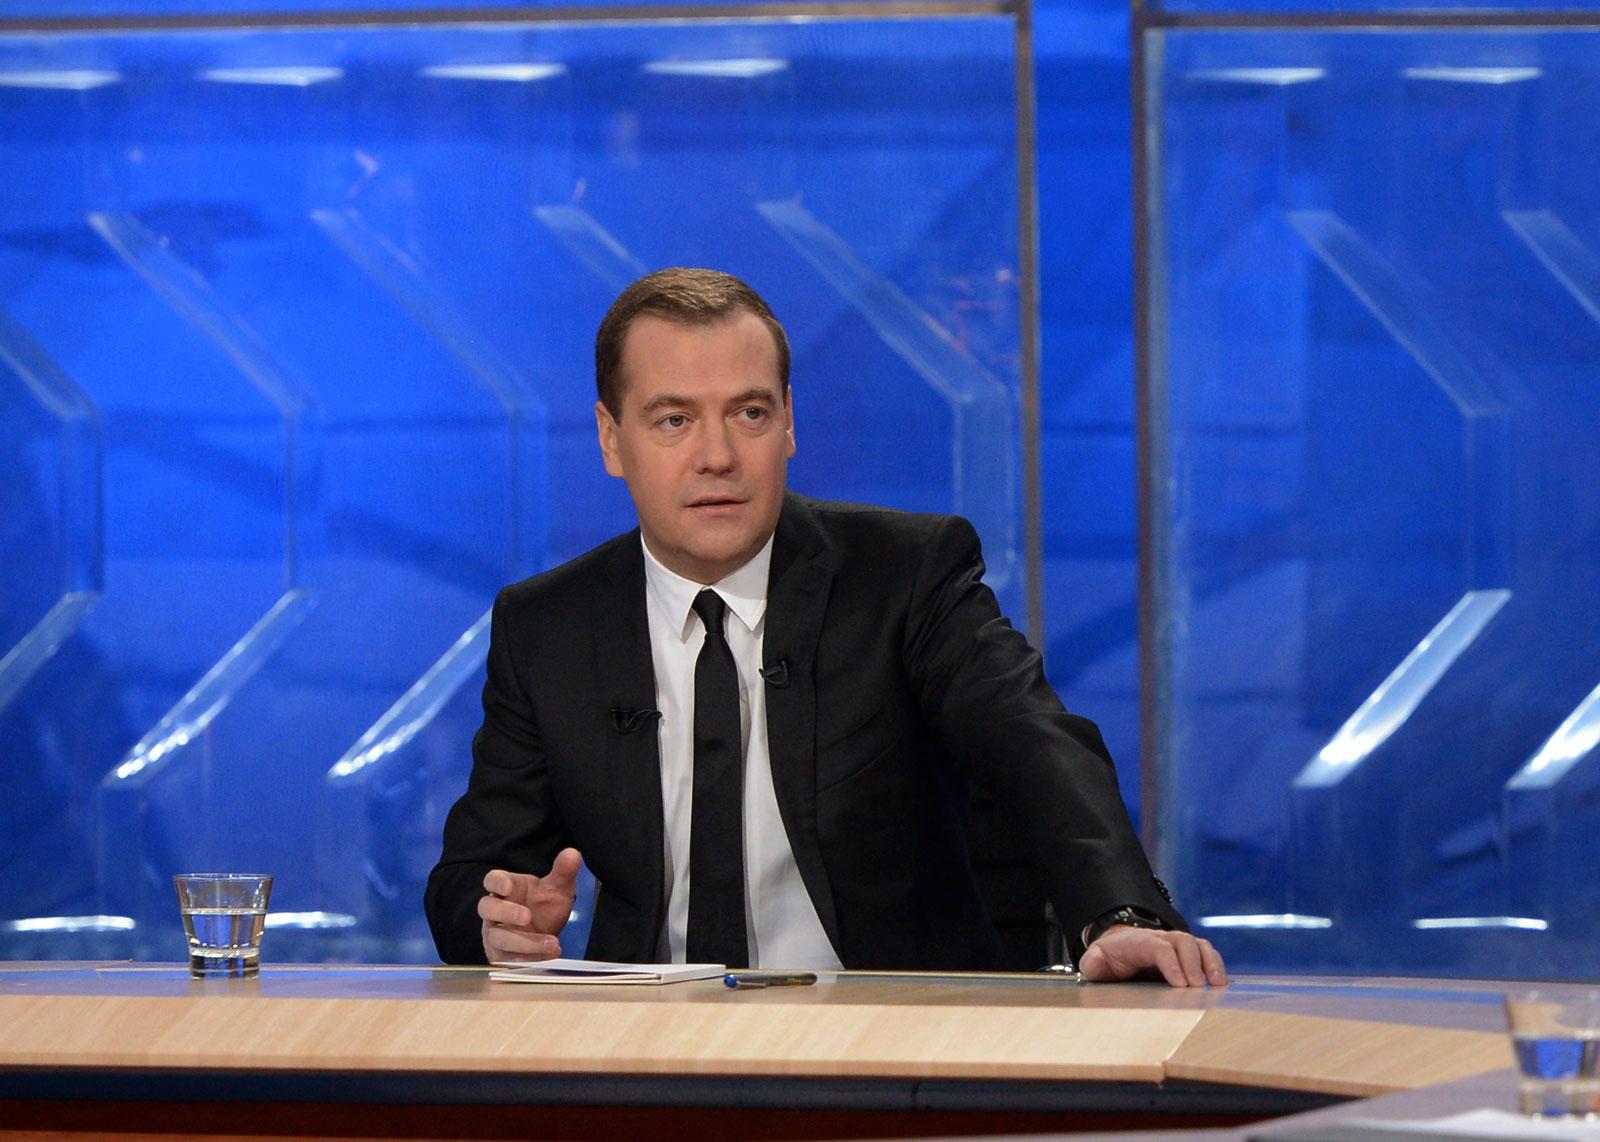 «Россия должна обеспечить себе цифровой суверенитет,» — заявил Дмитрий Медведев по итогам делового саммита АСЕАН.